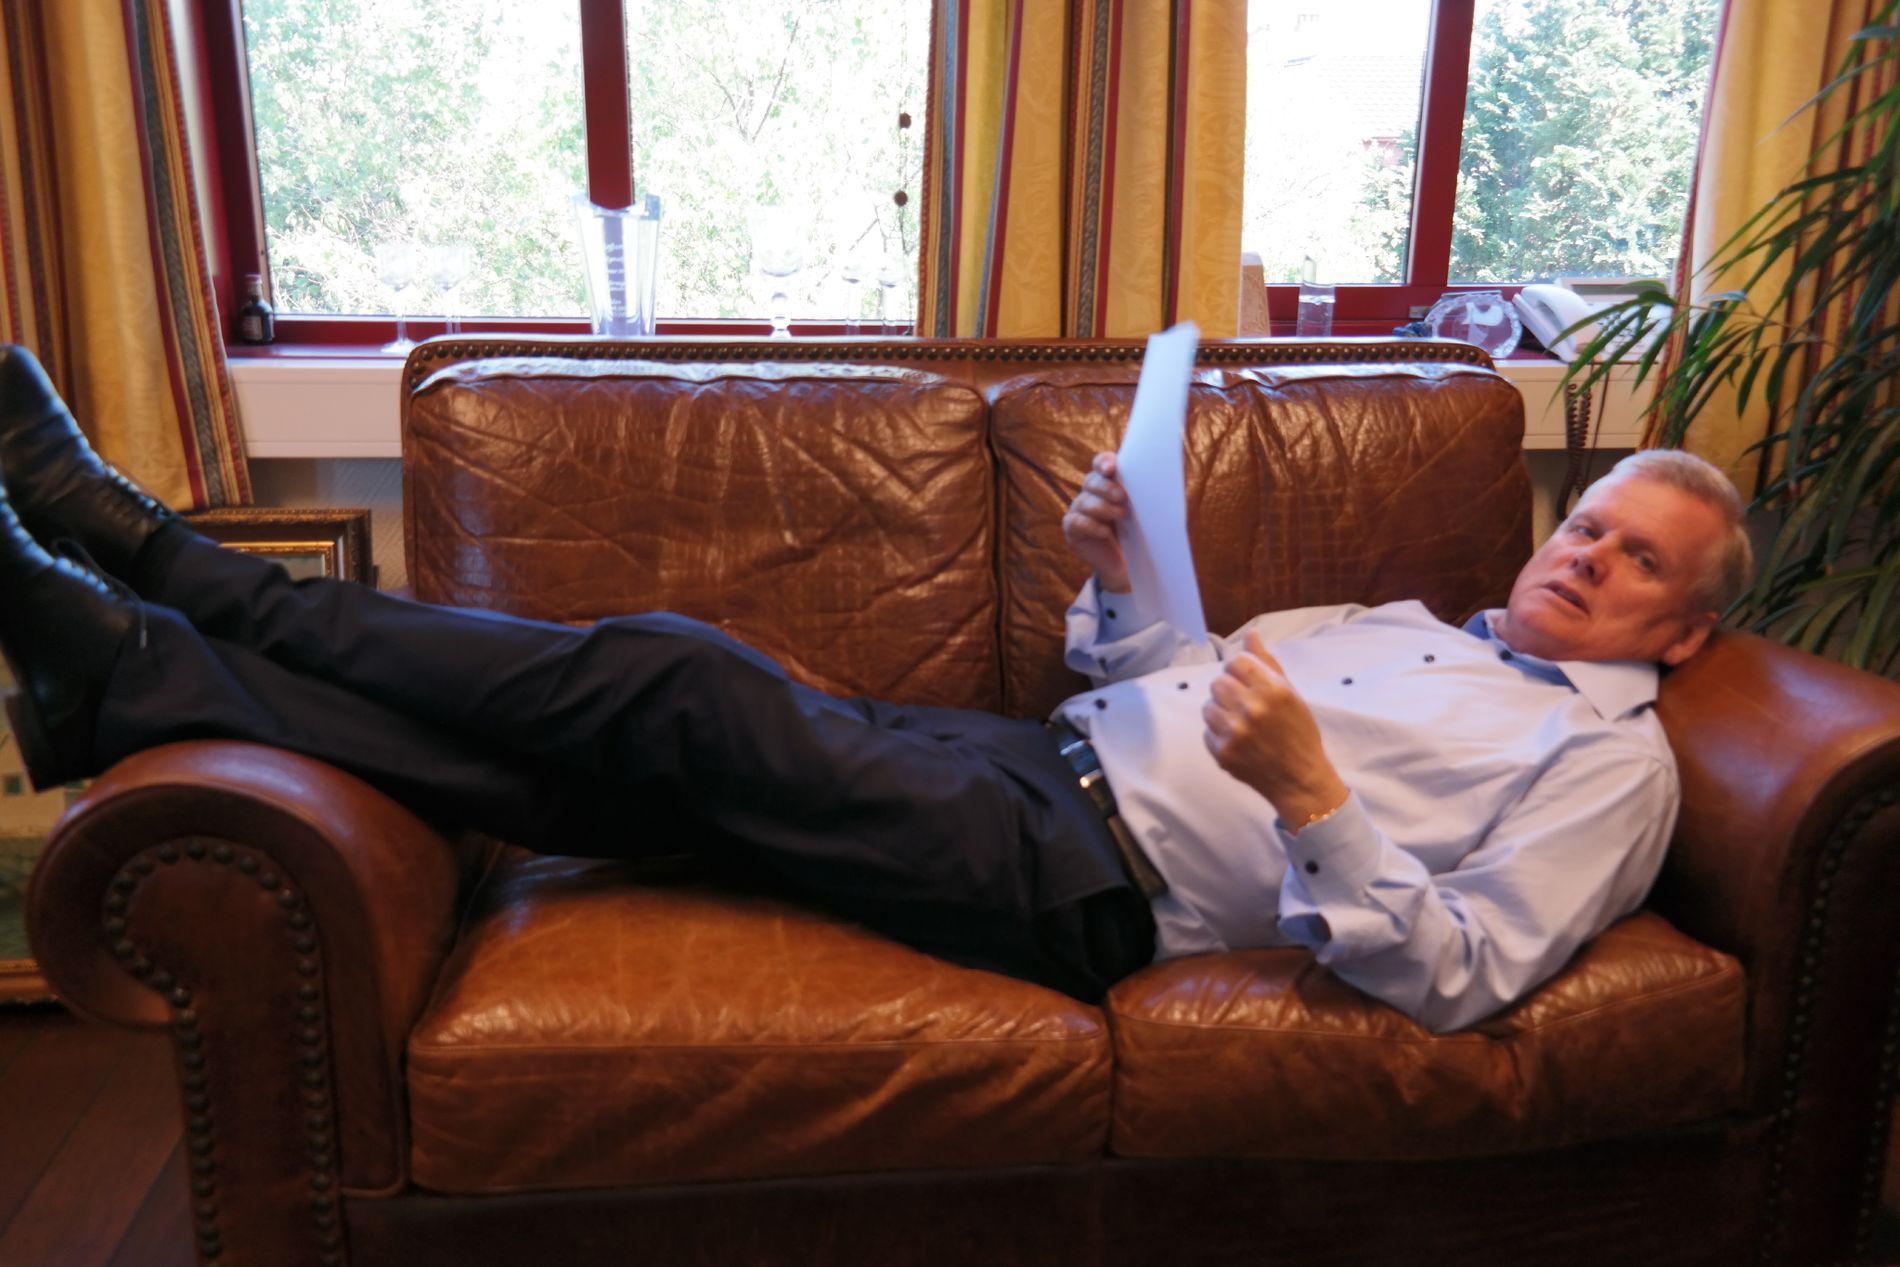 TENKJEPAUSE: Helge Møgster tenkjer best i liggjande stilling på tosetaren på kontoret på Storebø.